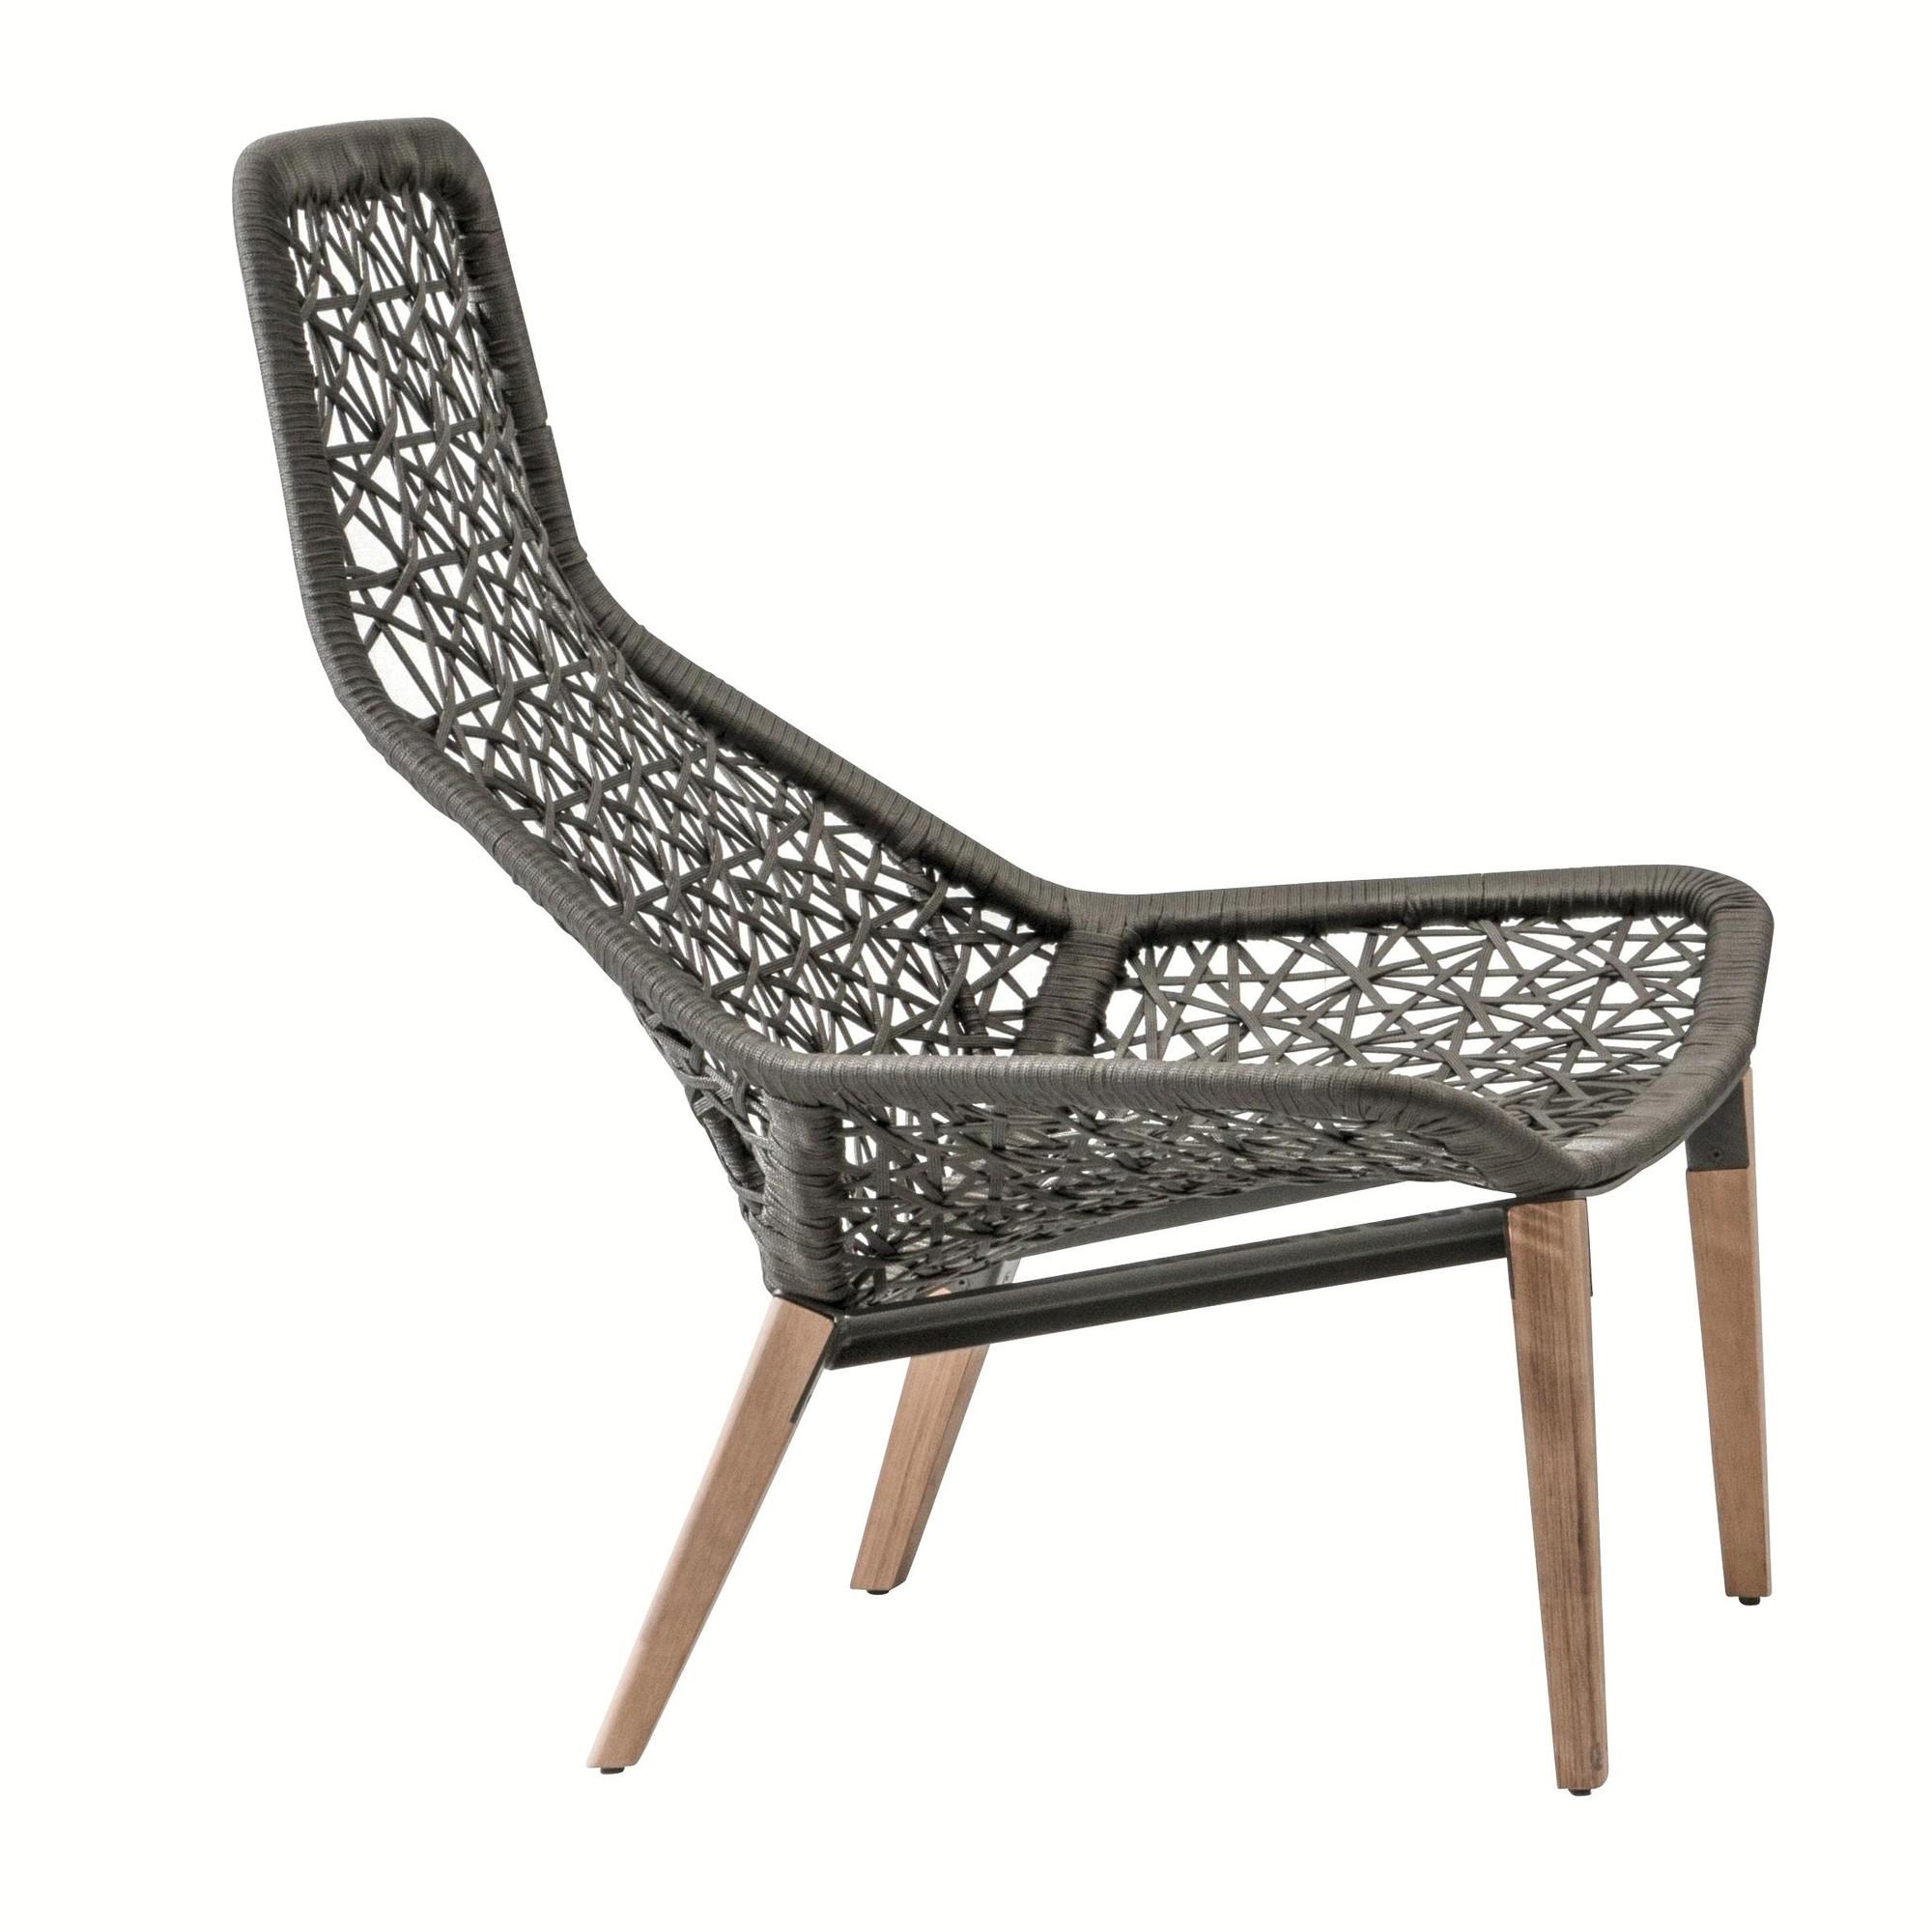 Magnificent Maia Relax Garden Armchair Wooden Base Inzonedesignstudio Interior Chair Design Inzonedesignstudiocom